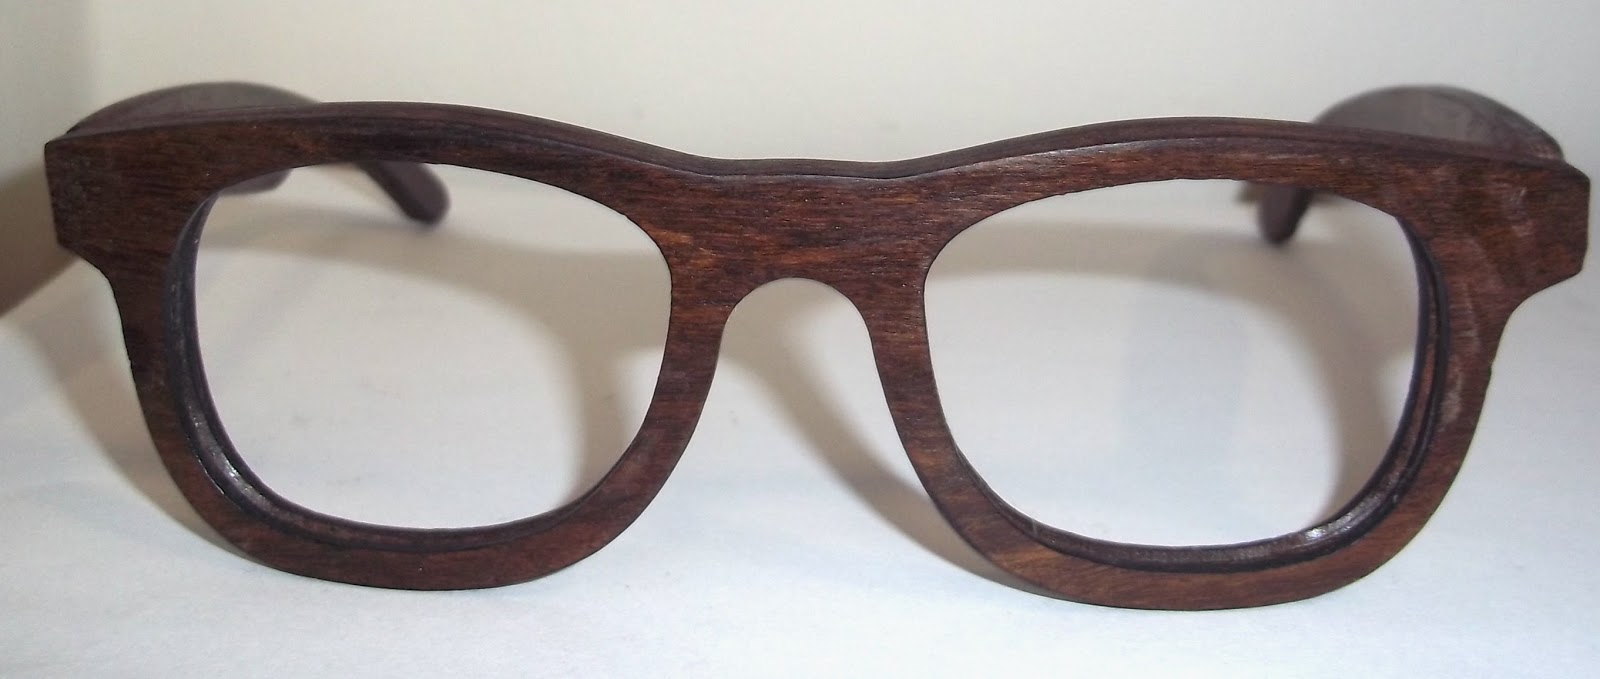 Óculos de Madeira Modelo WAYFARER da LUNETTES R   445,00 com Lentes da sua  Receita 1f61c86042